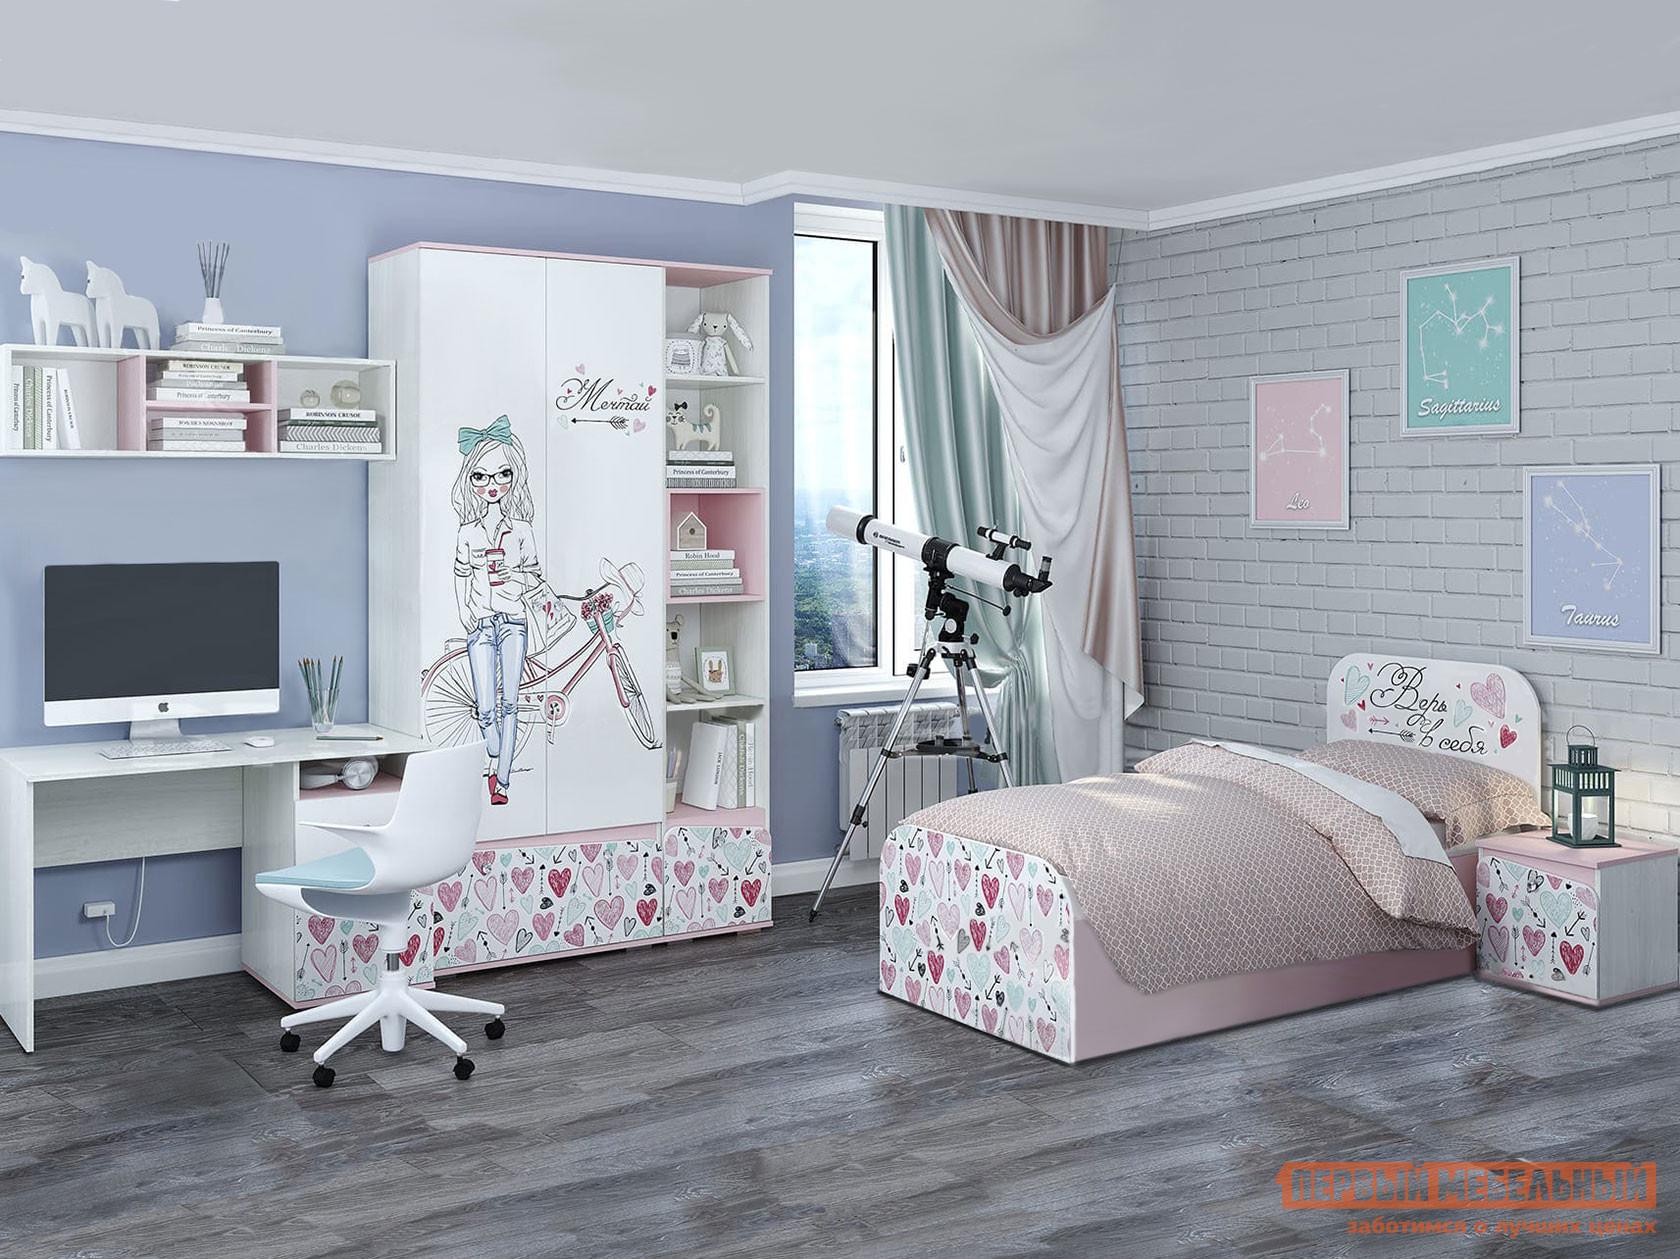 Комплект детской мебели Первый Мебельный Малибу К1 комплект детской мебели мебельсон форсаж к1